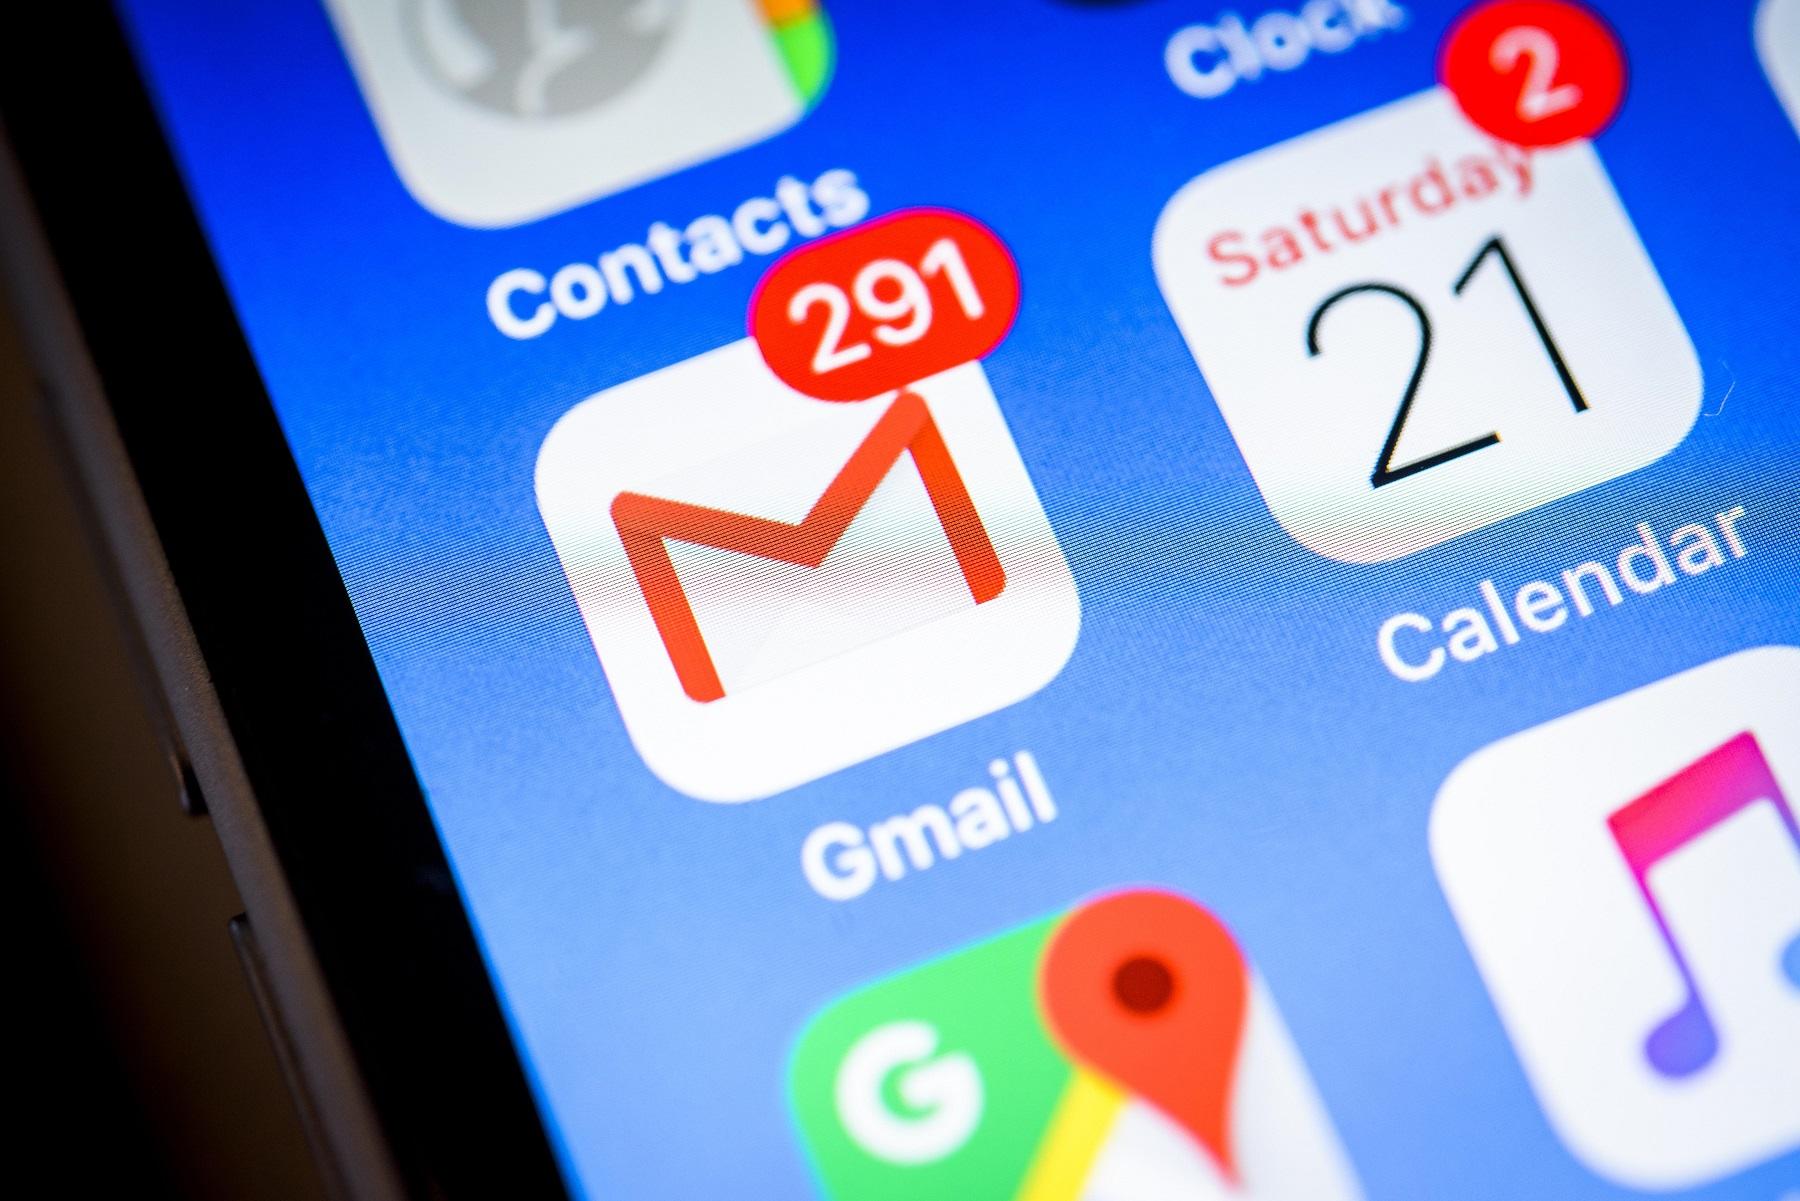 Интернет-шпионы, фальшивые колл-центры и опасный спам: Как аферисты дурят клиентов банков